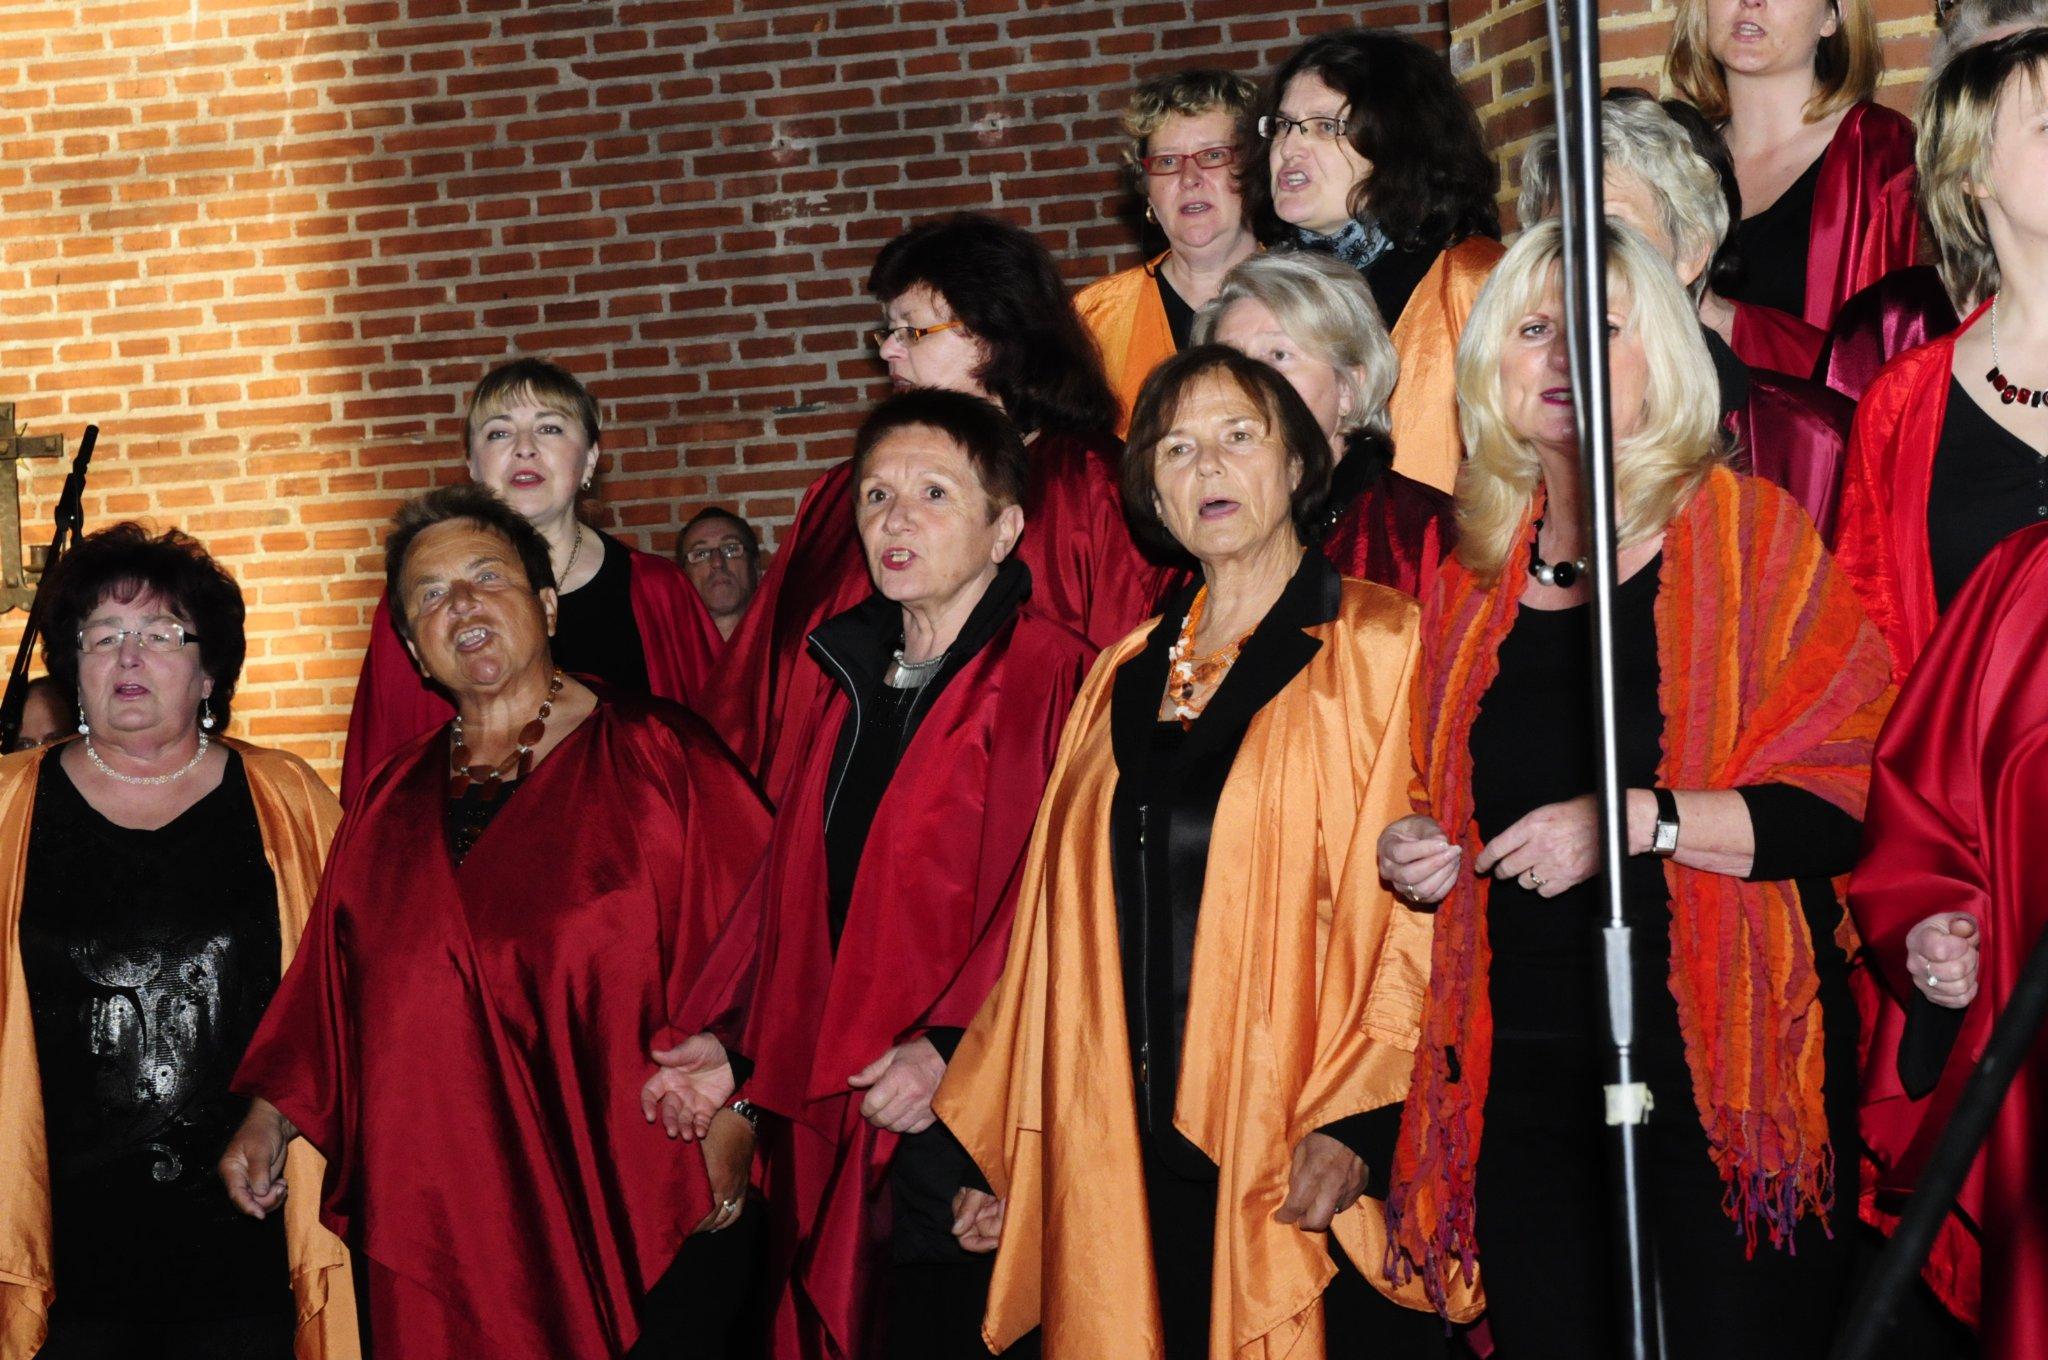 20120422 Reformations Gedaechtniskirche 027